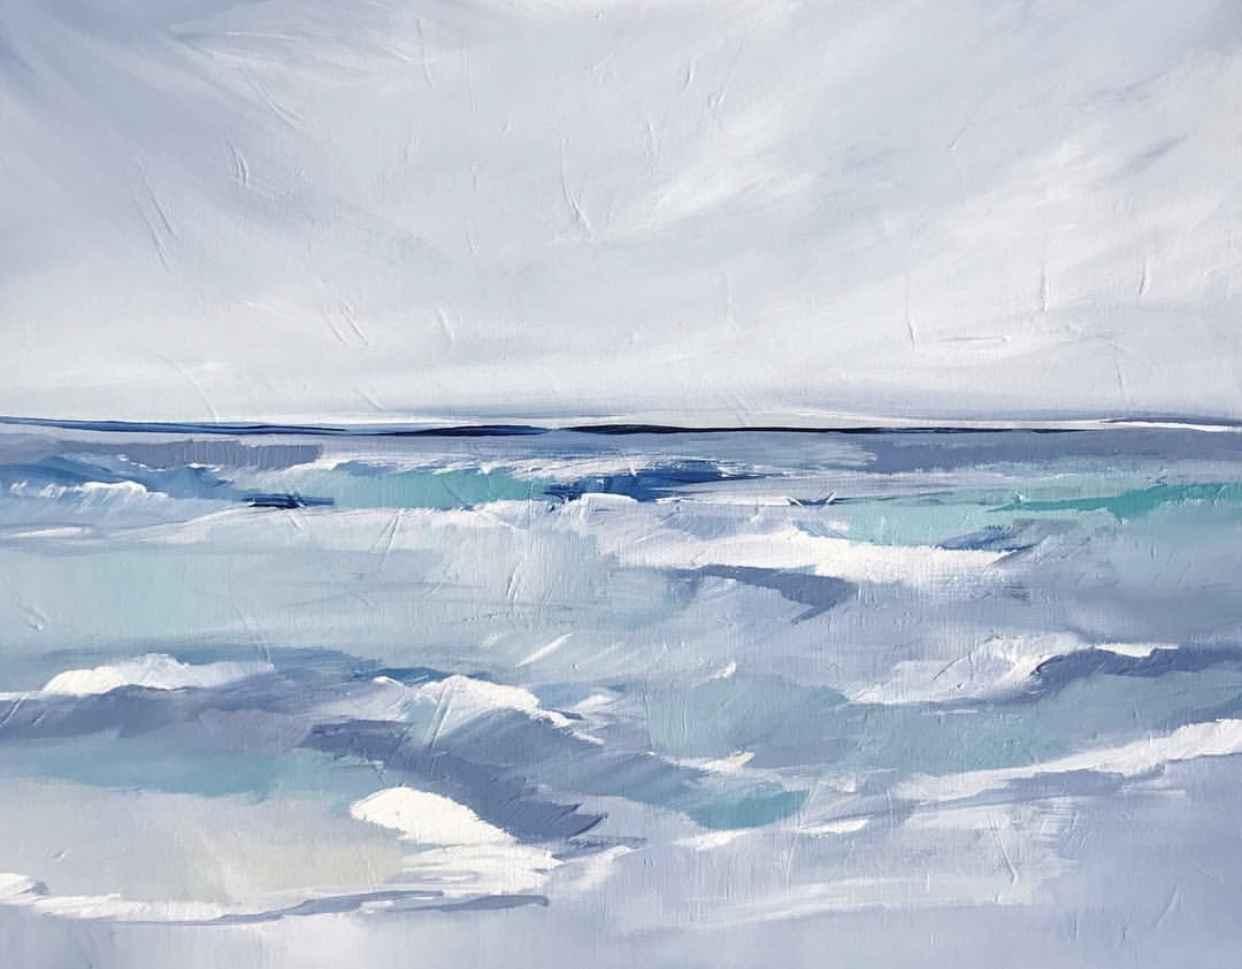 White Cap Ocean